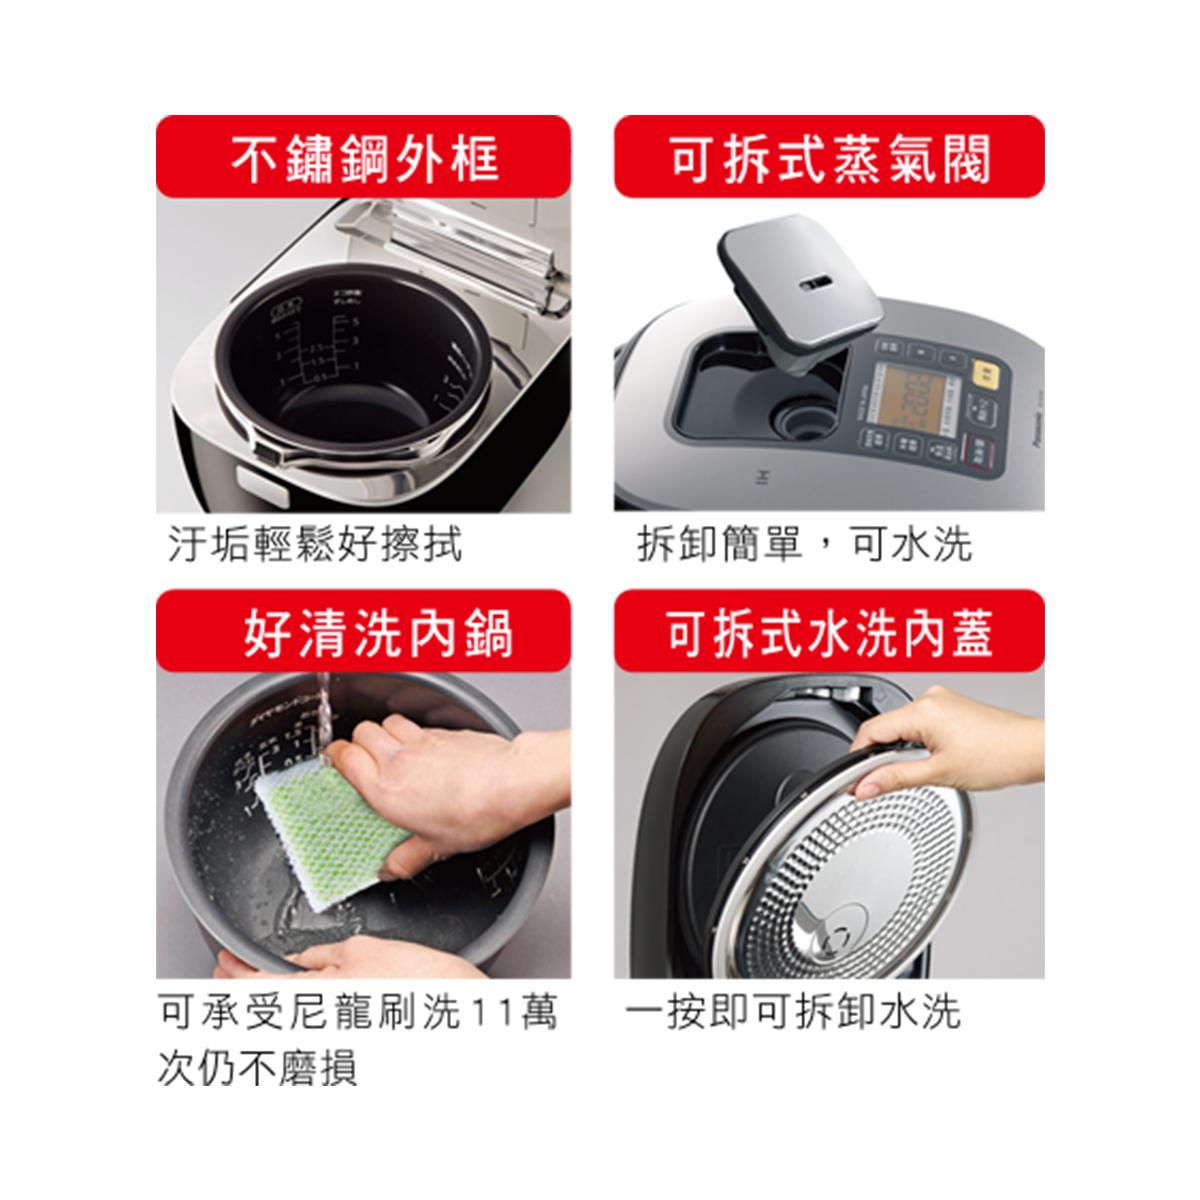 Panasonic SR-HB184 IH電子鍋 10人份